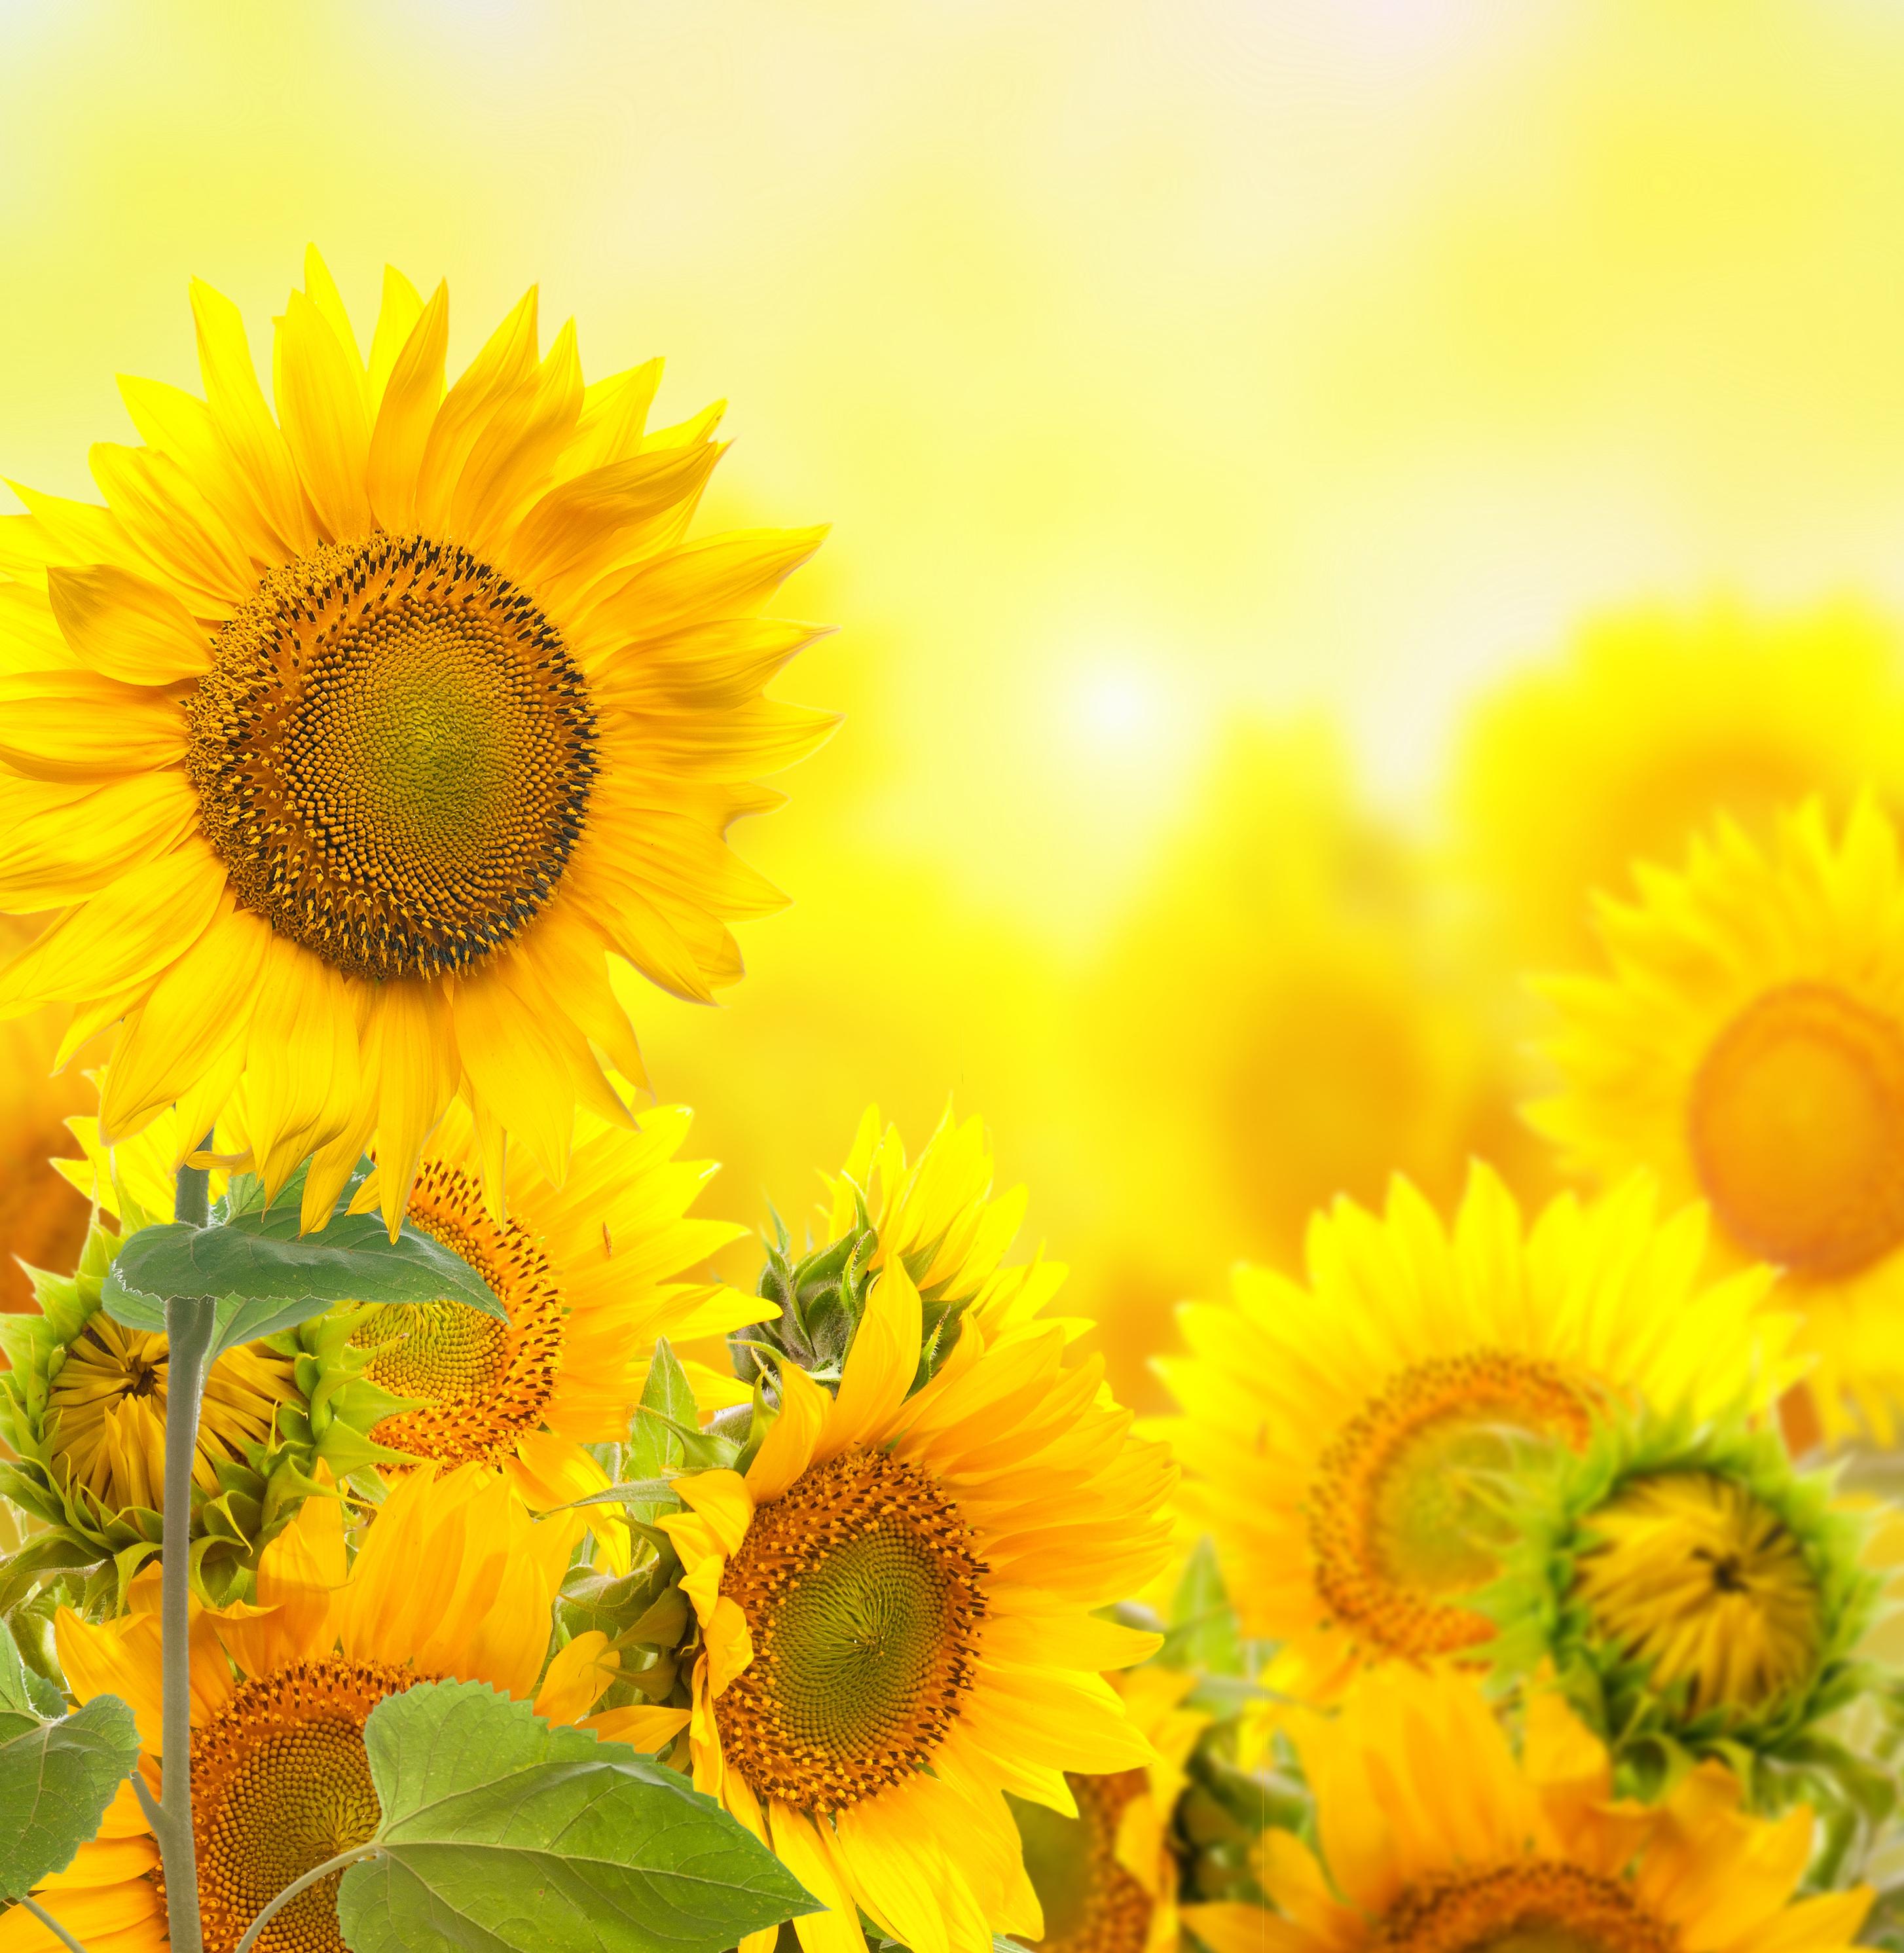 esth u00e9tique de fond jaune tournesol  le champ de fleurs de